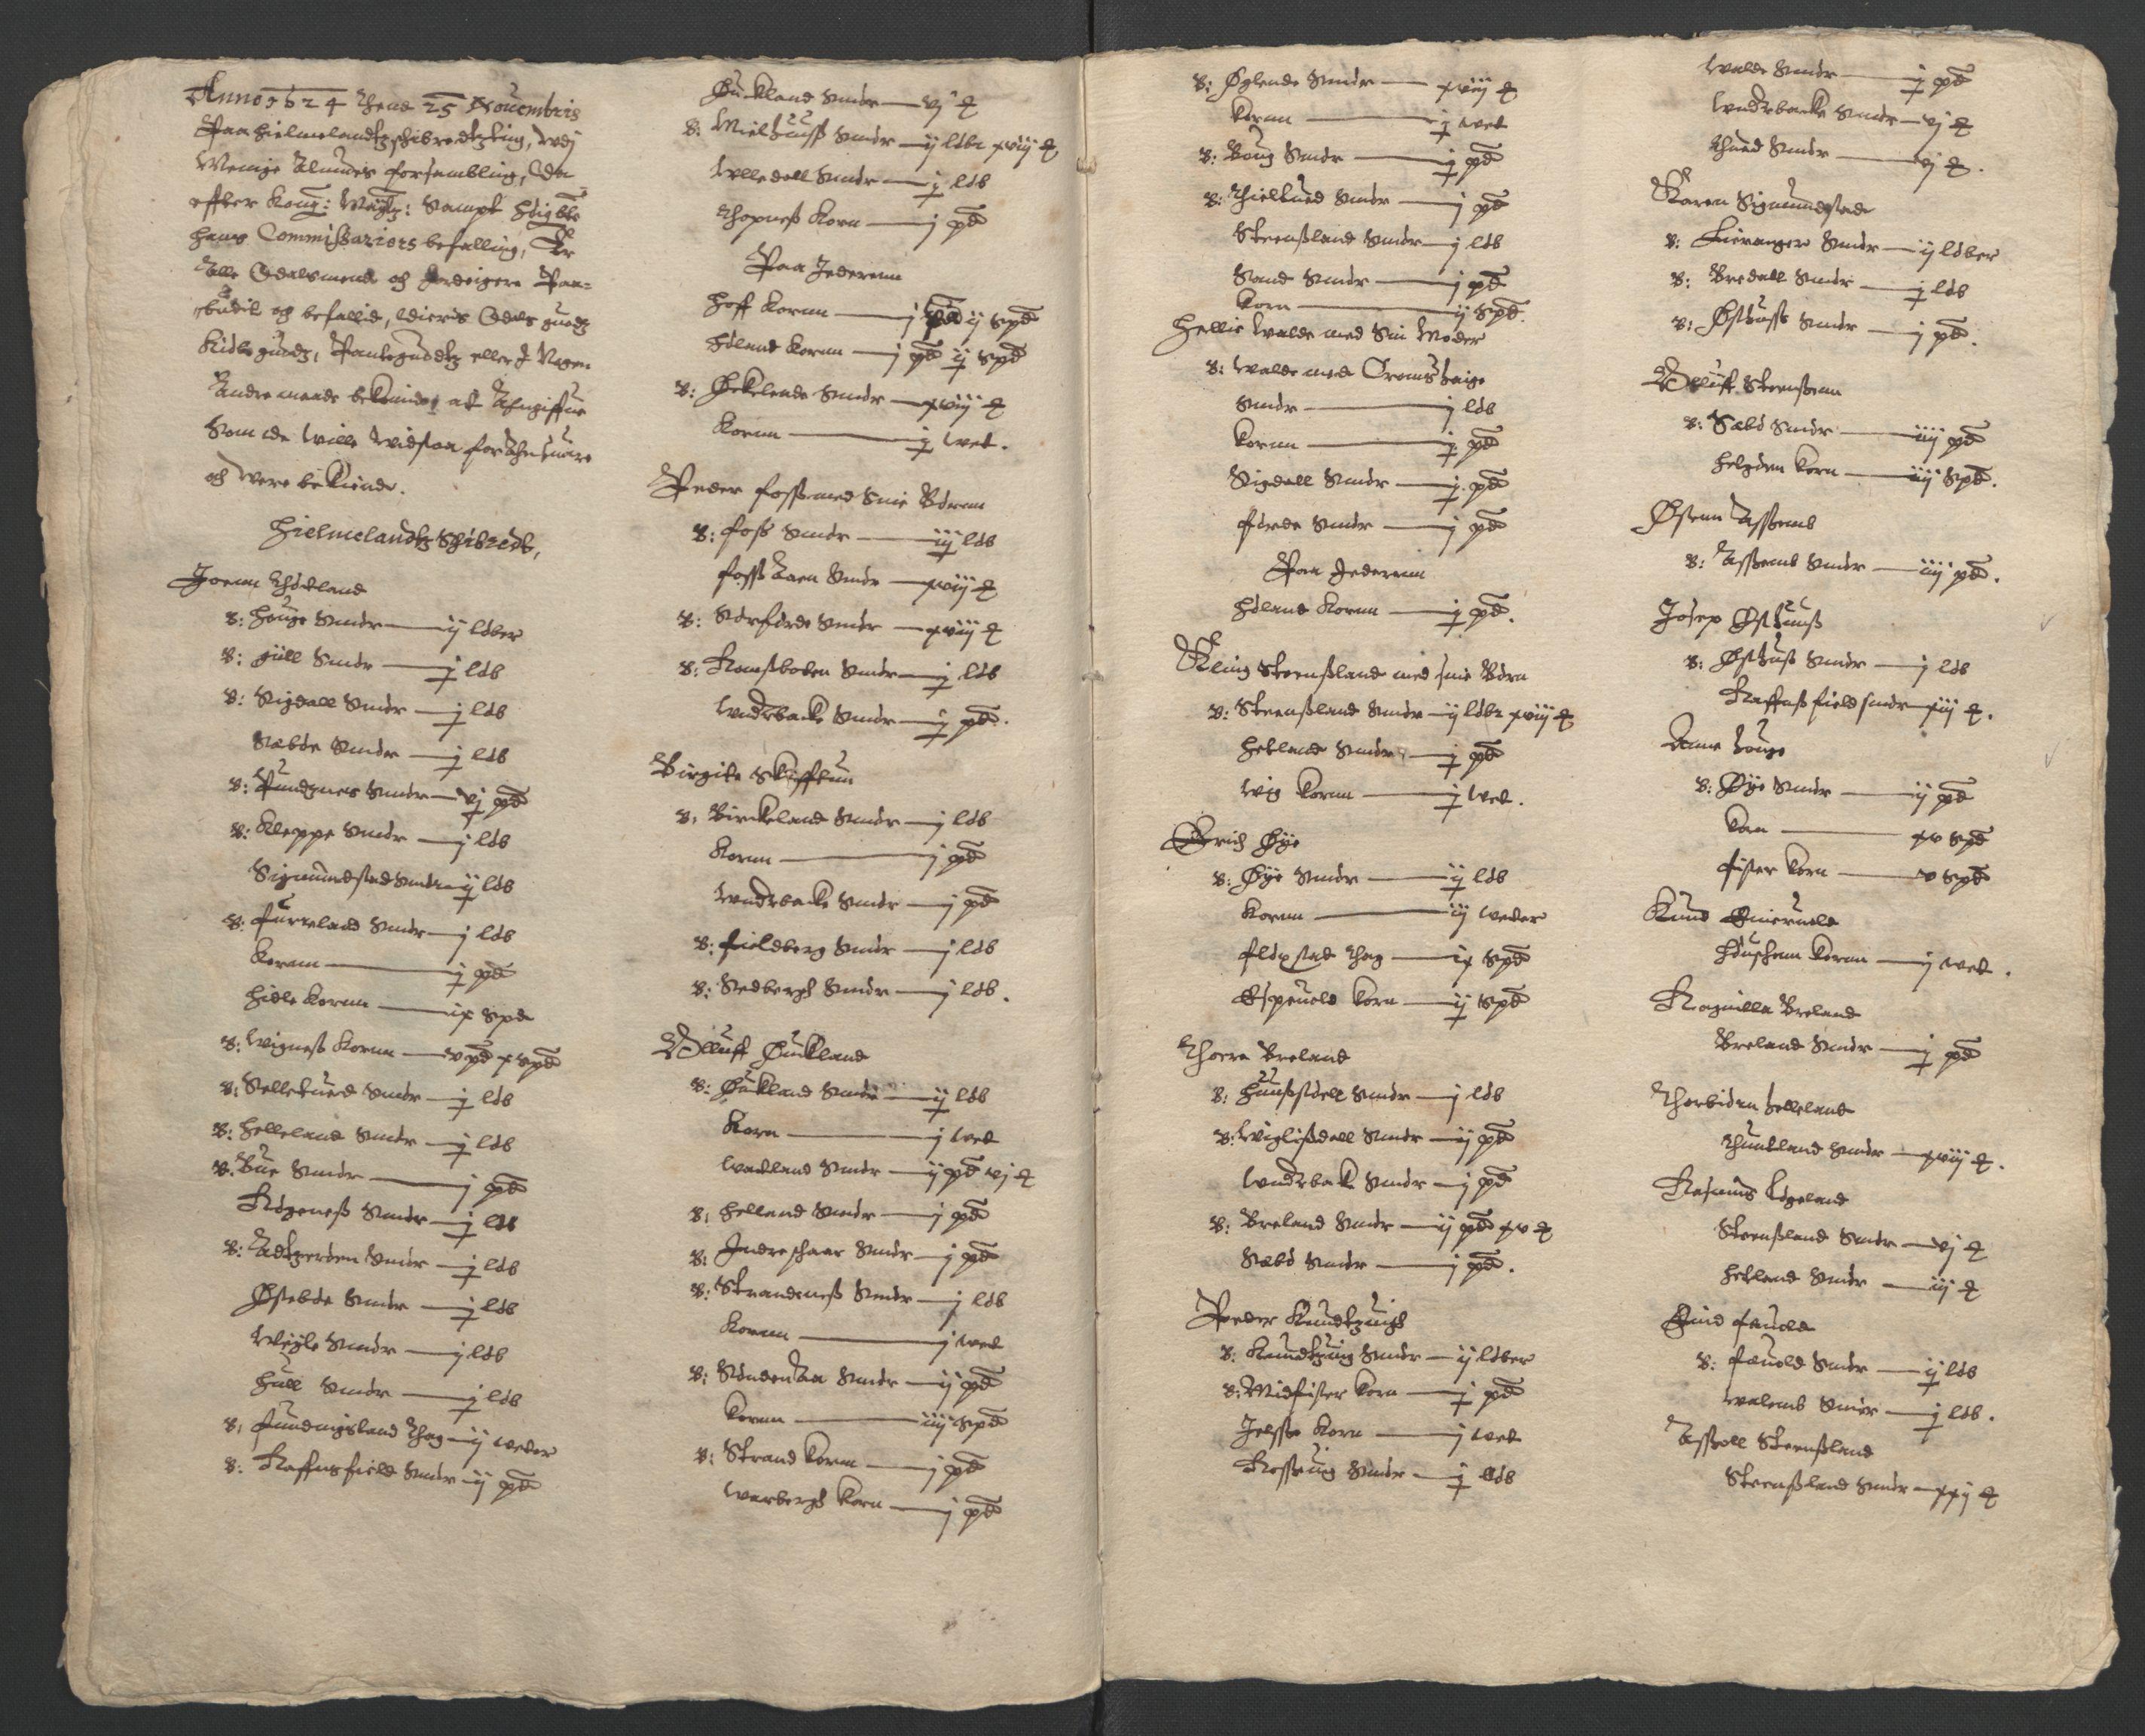 RA, Stattholderembetet 1572-1771, Ek/L0010: Jordebøker til utlikning av rosstjeneste 1624-1626:, 1624-1626, s. 24